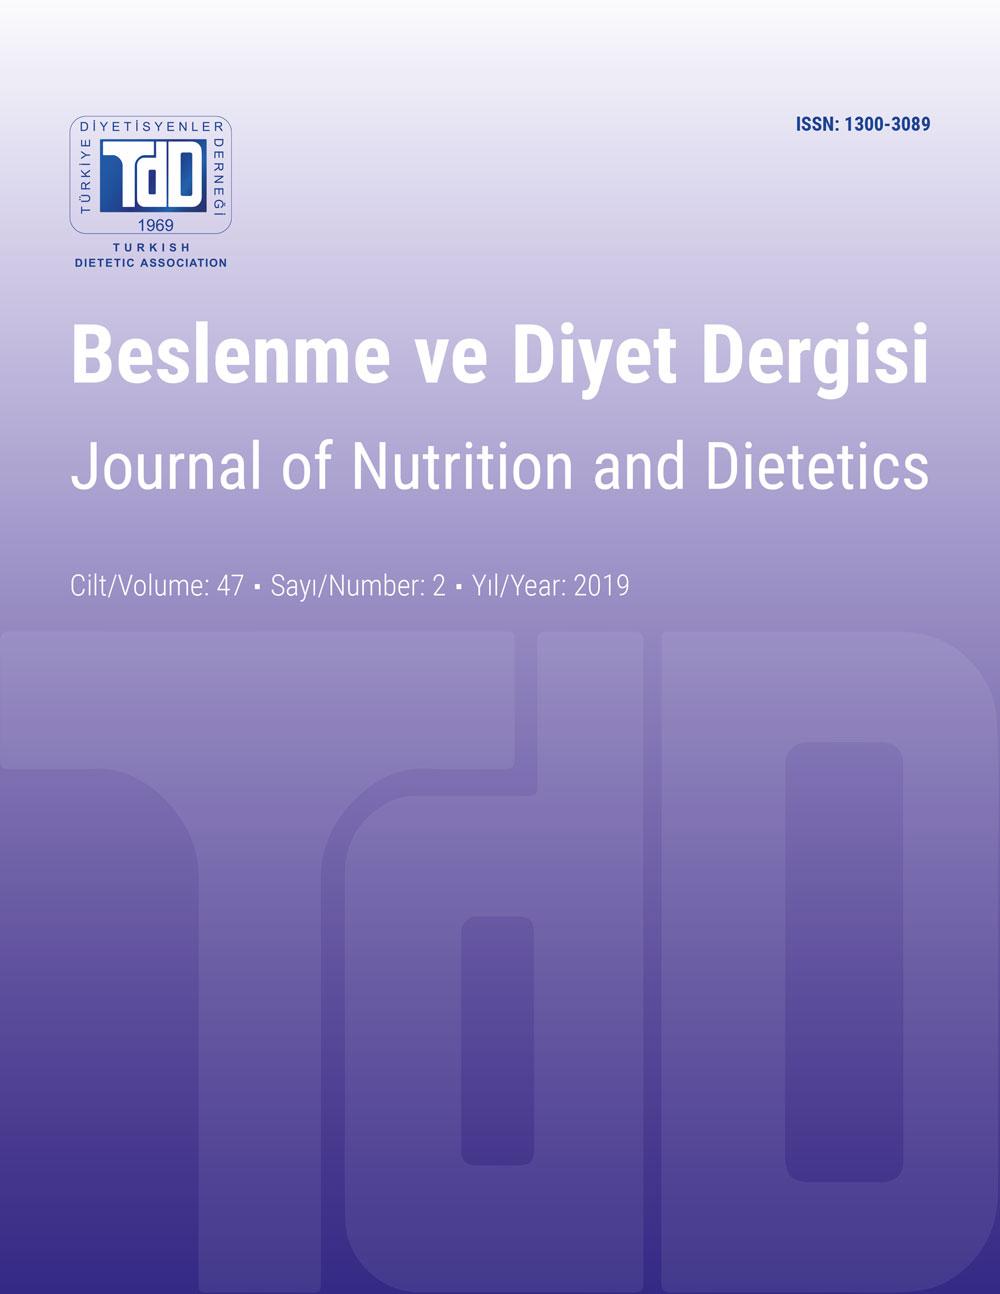 Beslenme ve Diyet Dergisi Cilt 47, Sayı 2